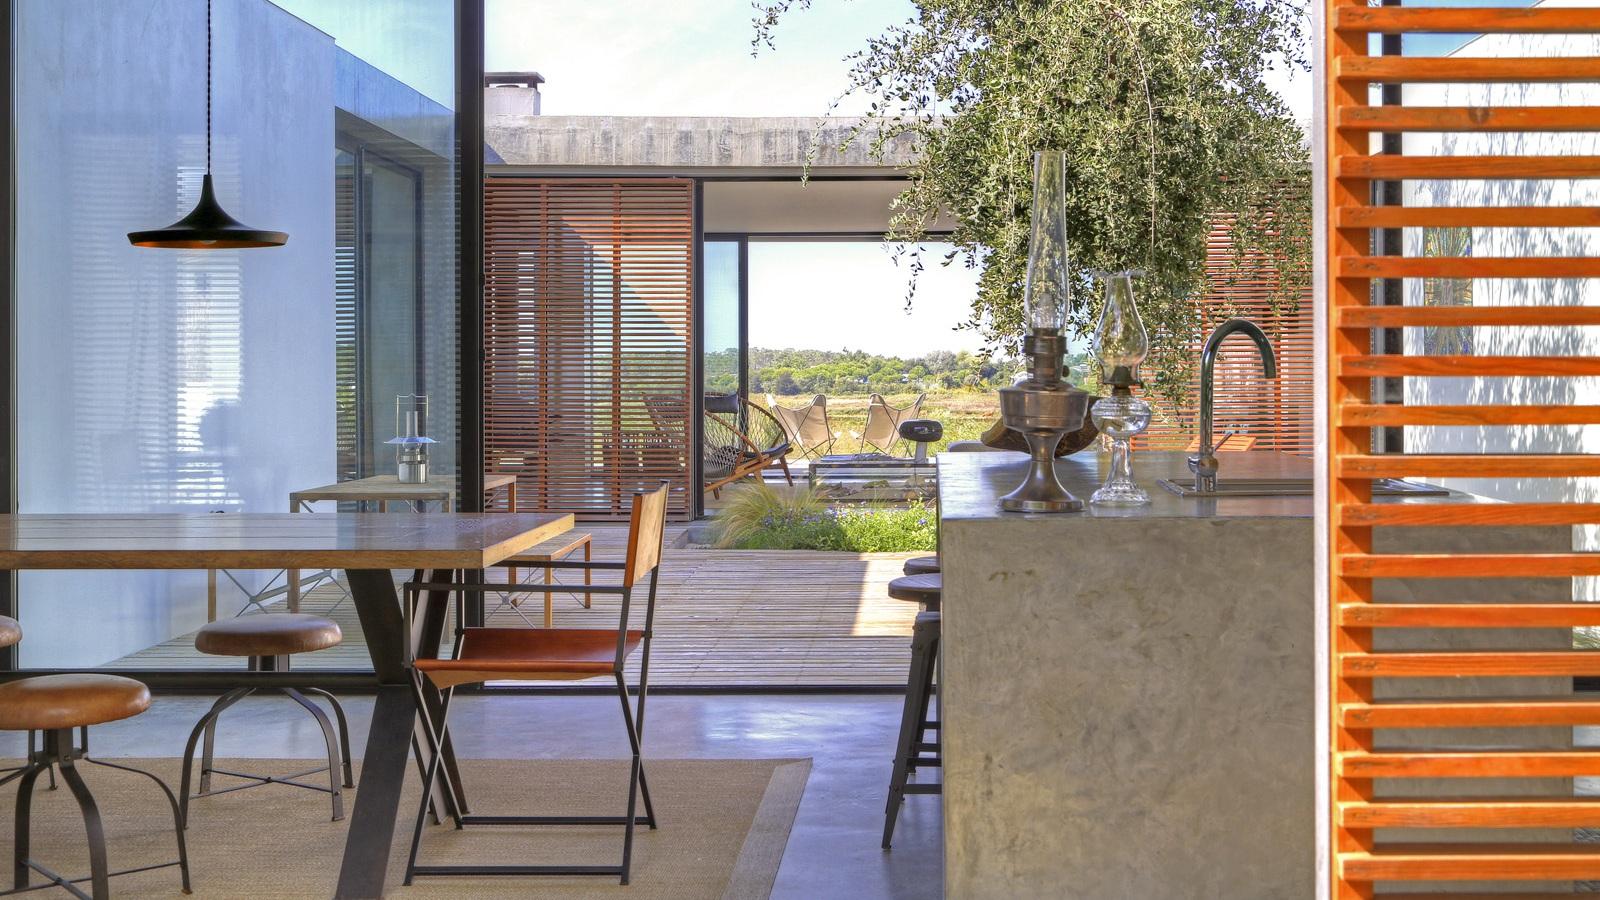 Casa+do+Pego+Interior+1.jpg